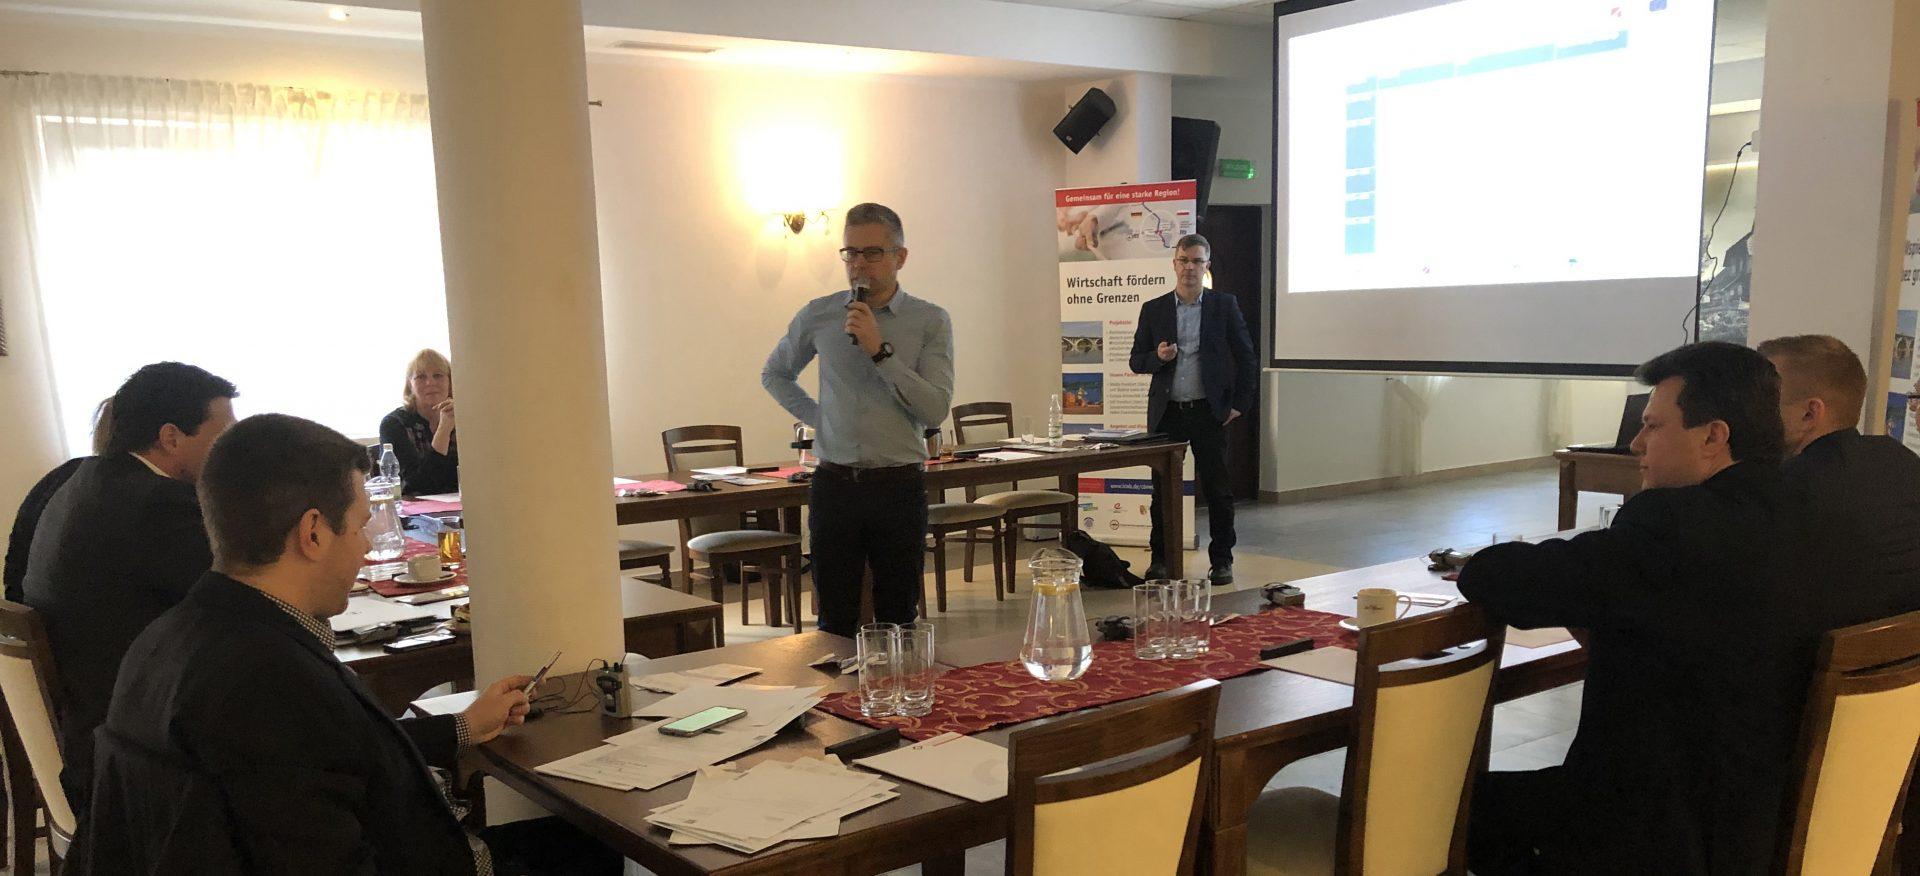 Diskussion bei der Arbeitskreis der Interreg-Projektgruppe in Drzecin